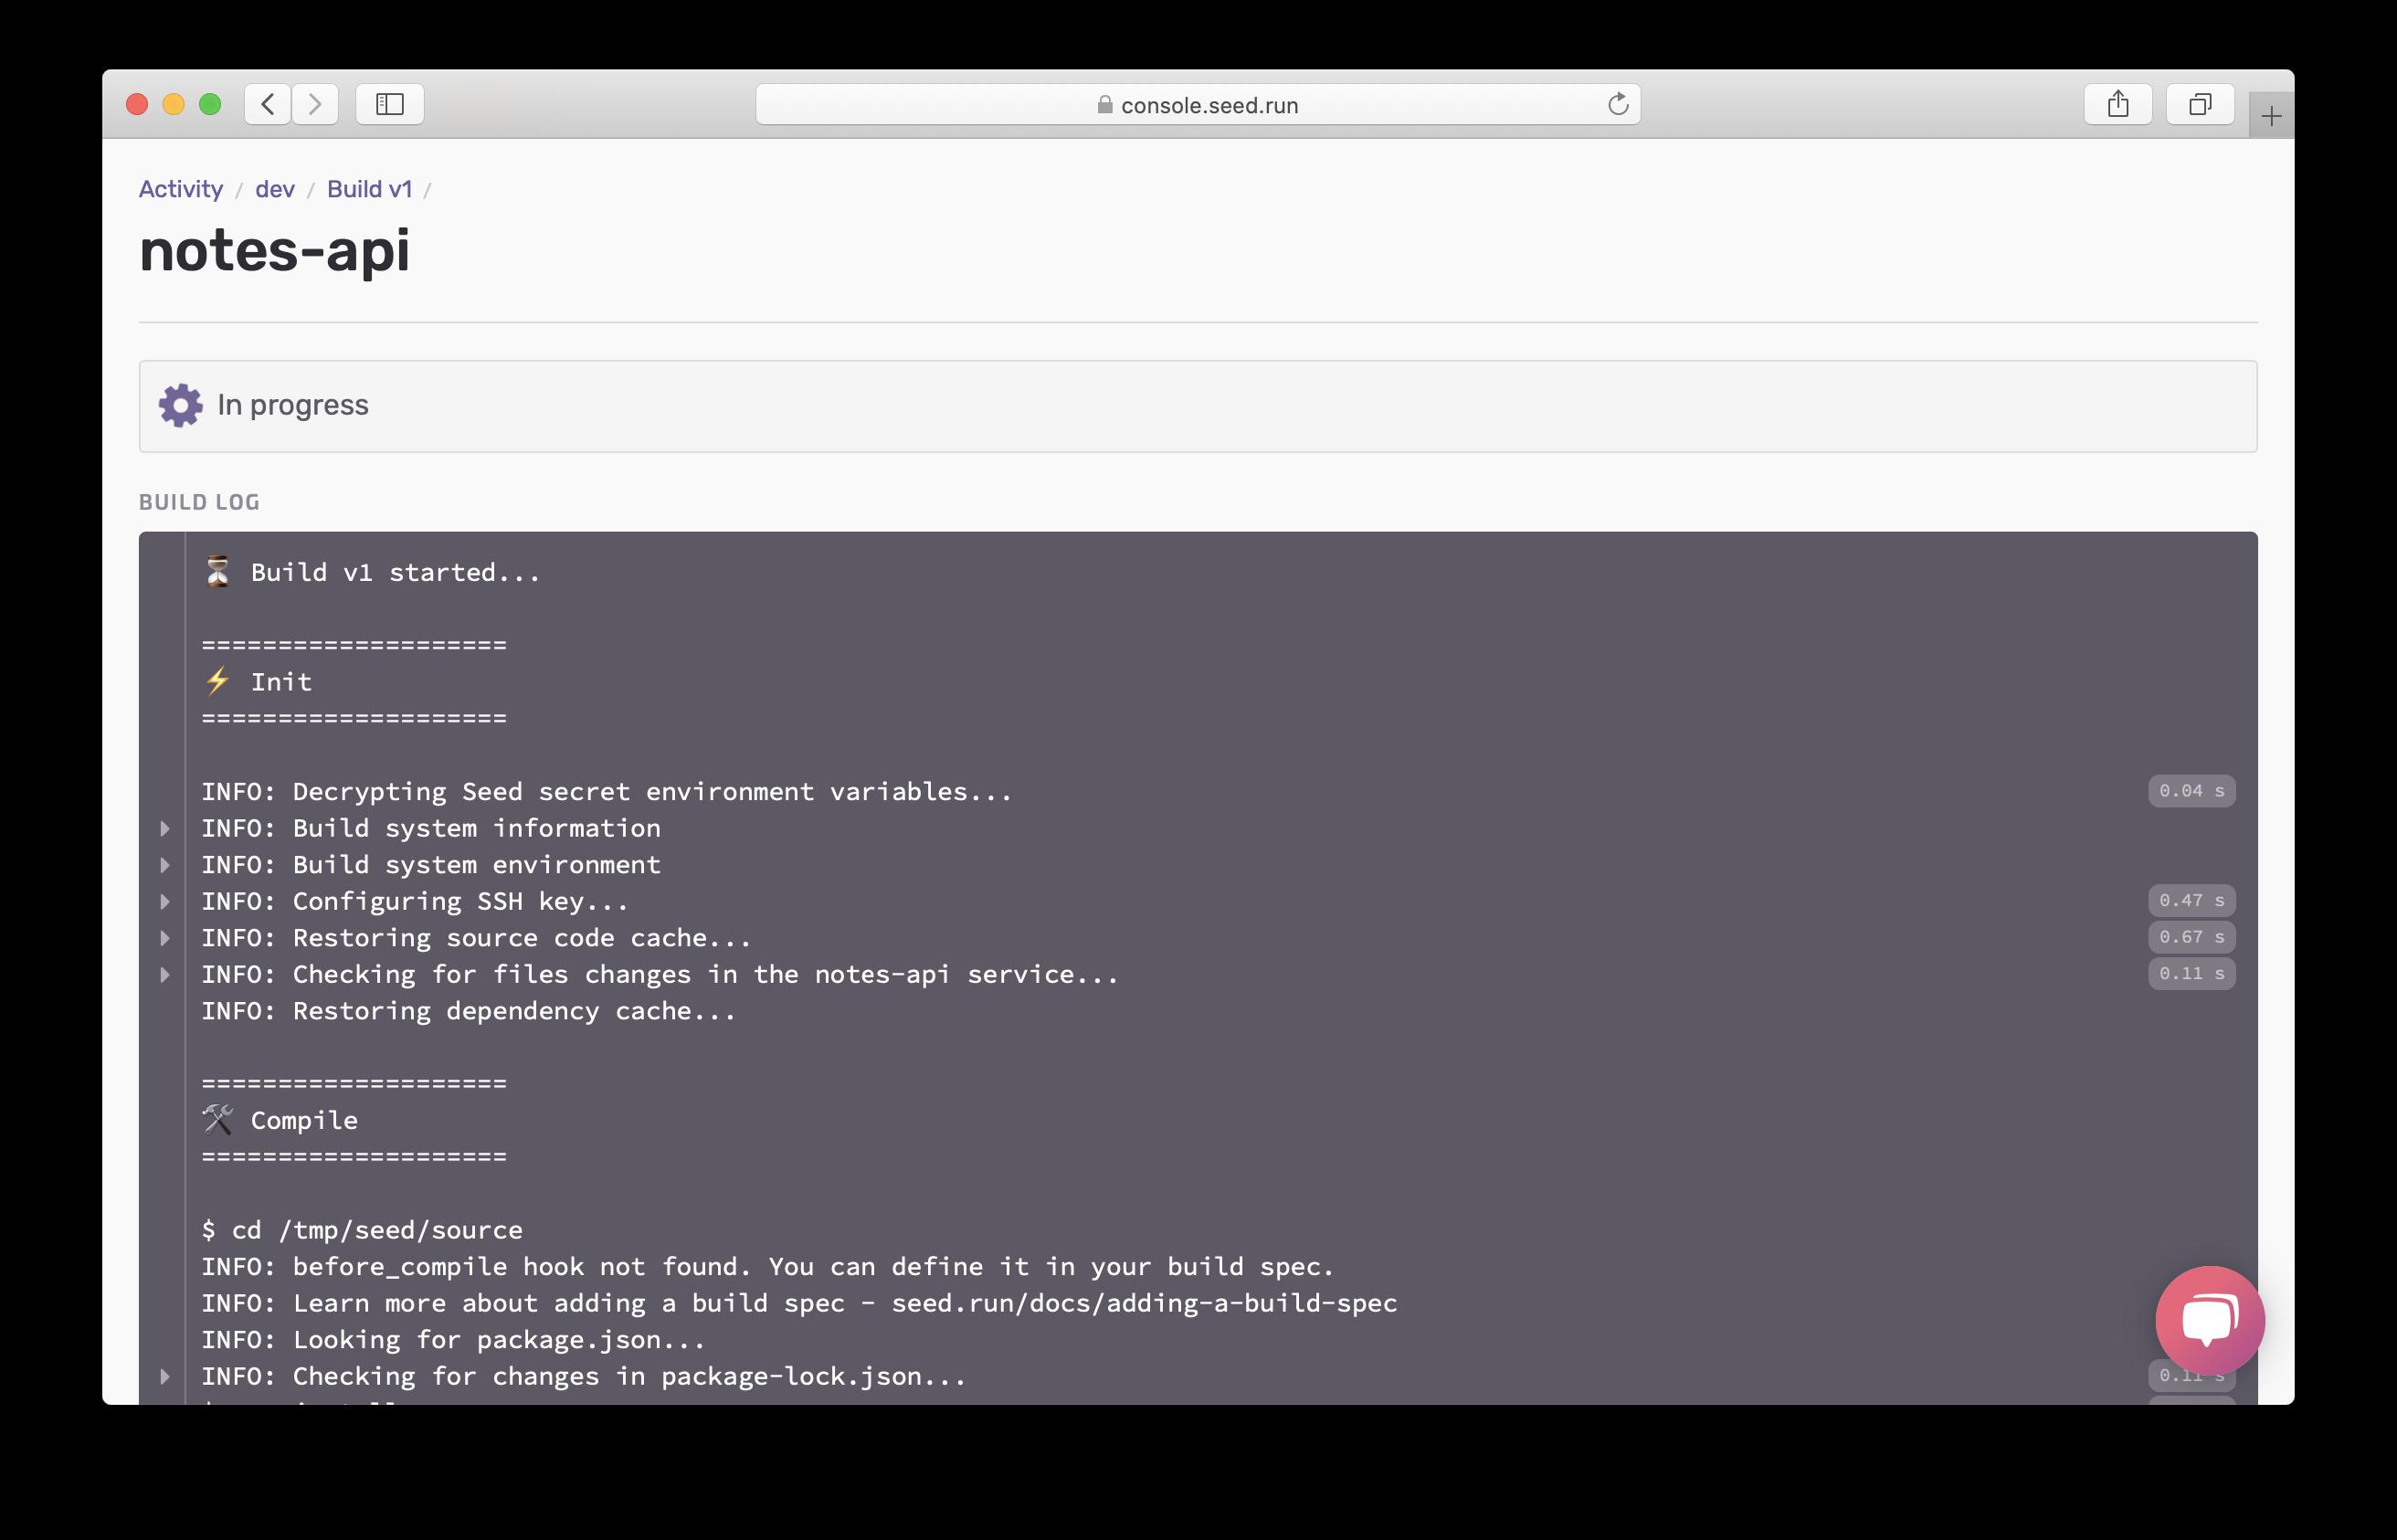 진행중인 Dev build 로그 화면